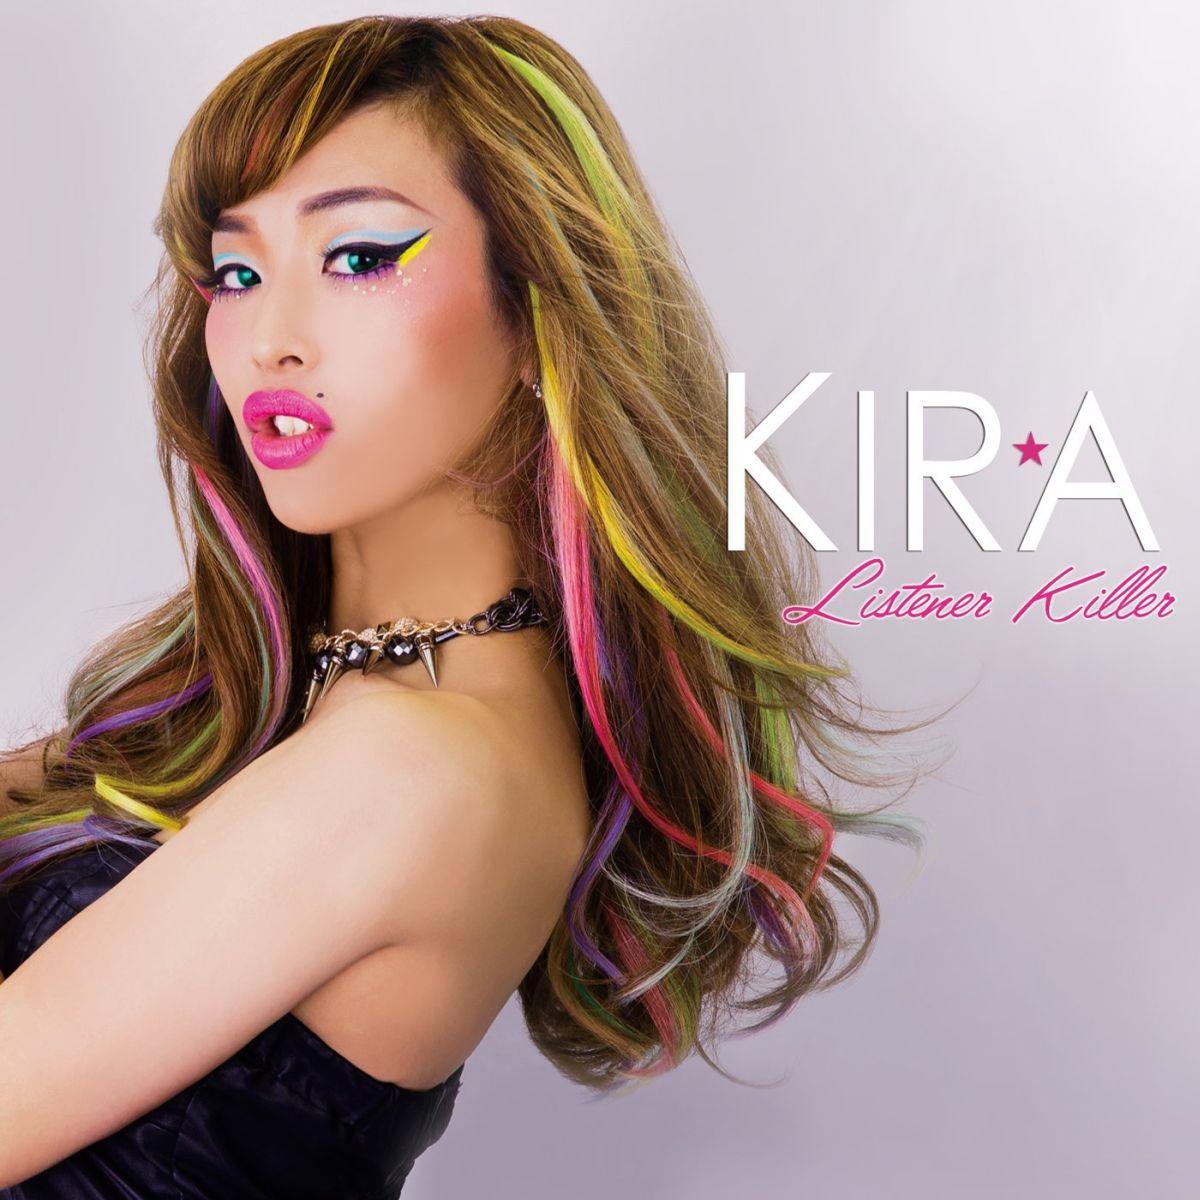 ロック・ポップス, その他 Listener killer KIRA